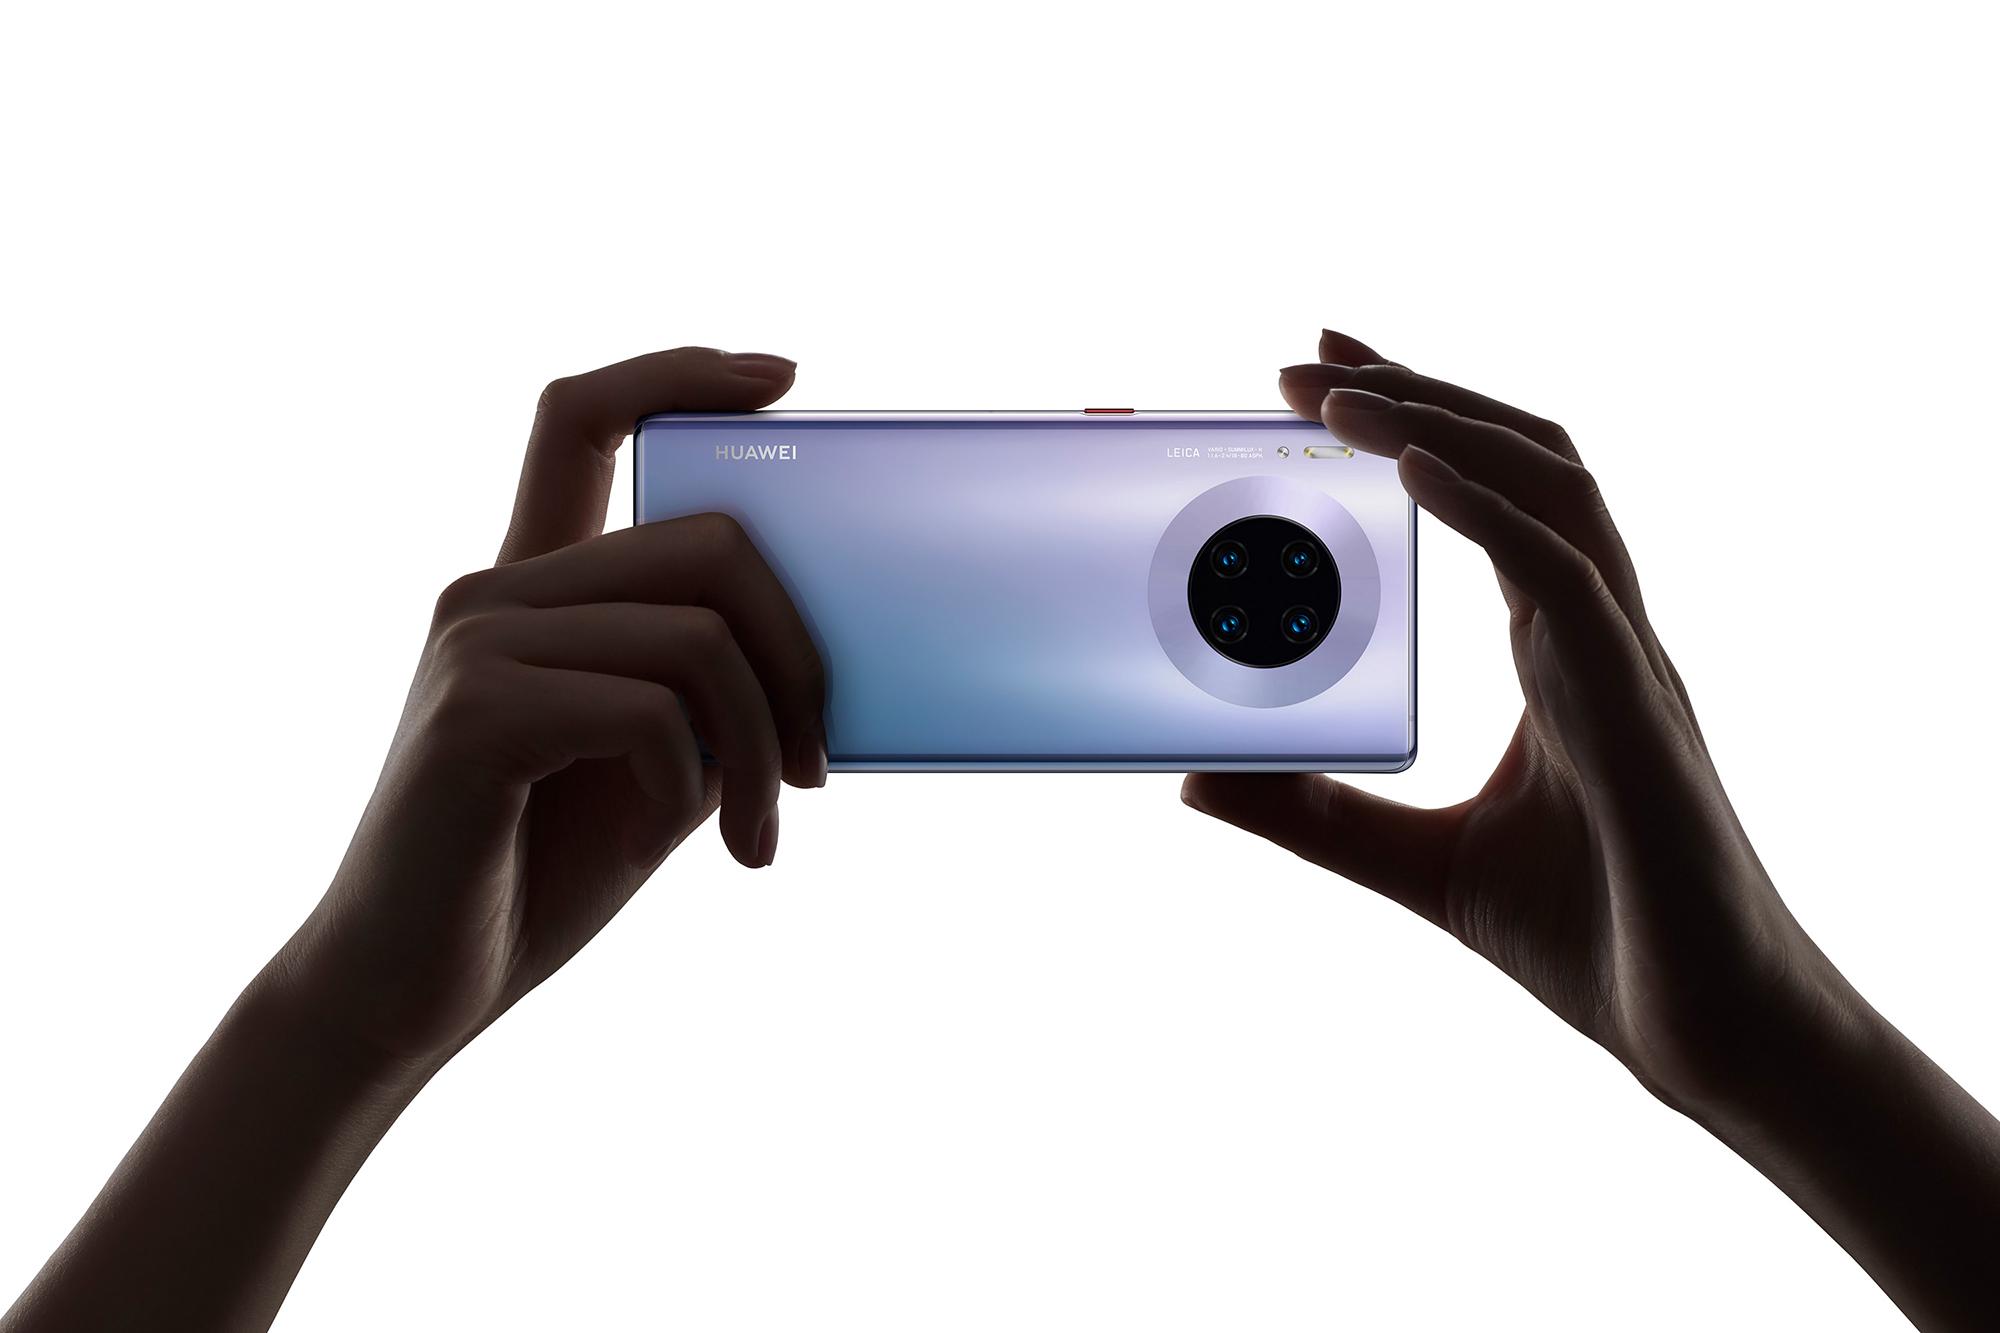 Huawei запускает Mate 30 и Mate 30 Pro без приложений Google, первые интегрированные 5G SoC, 40-мегапиксельные камеры